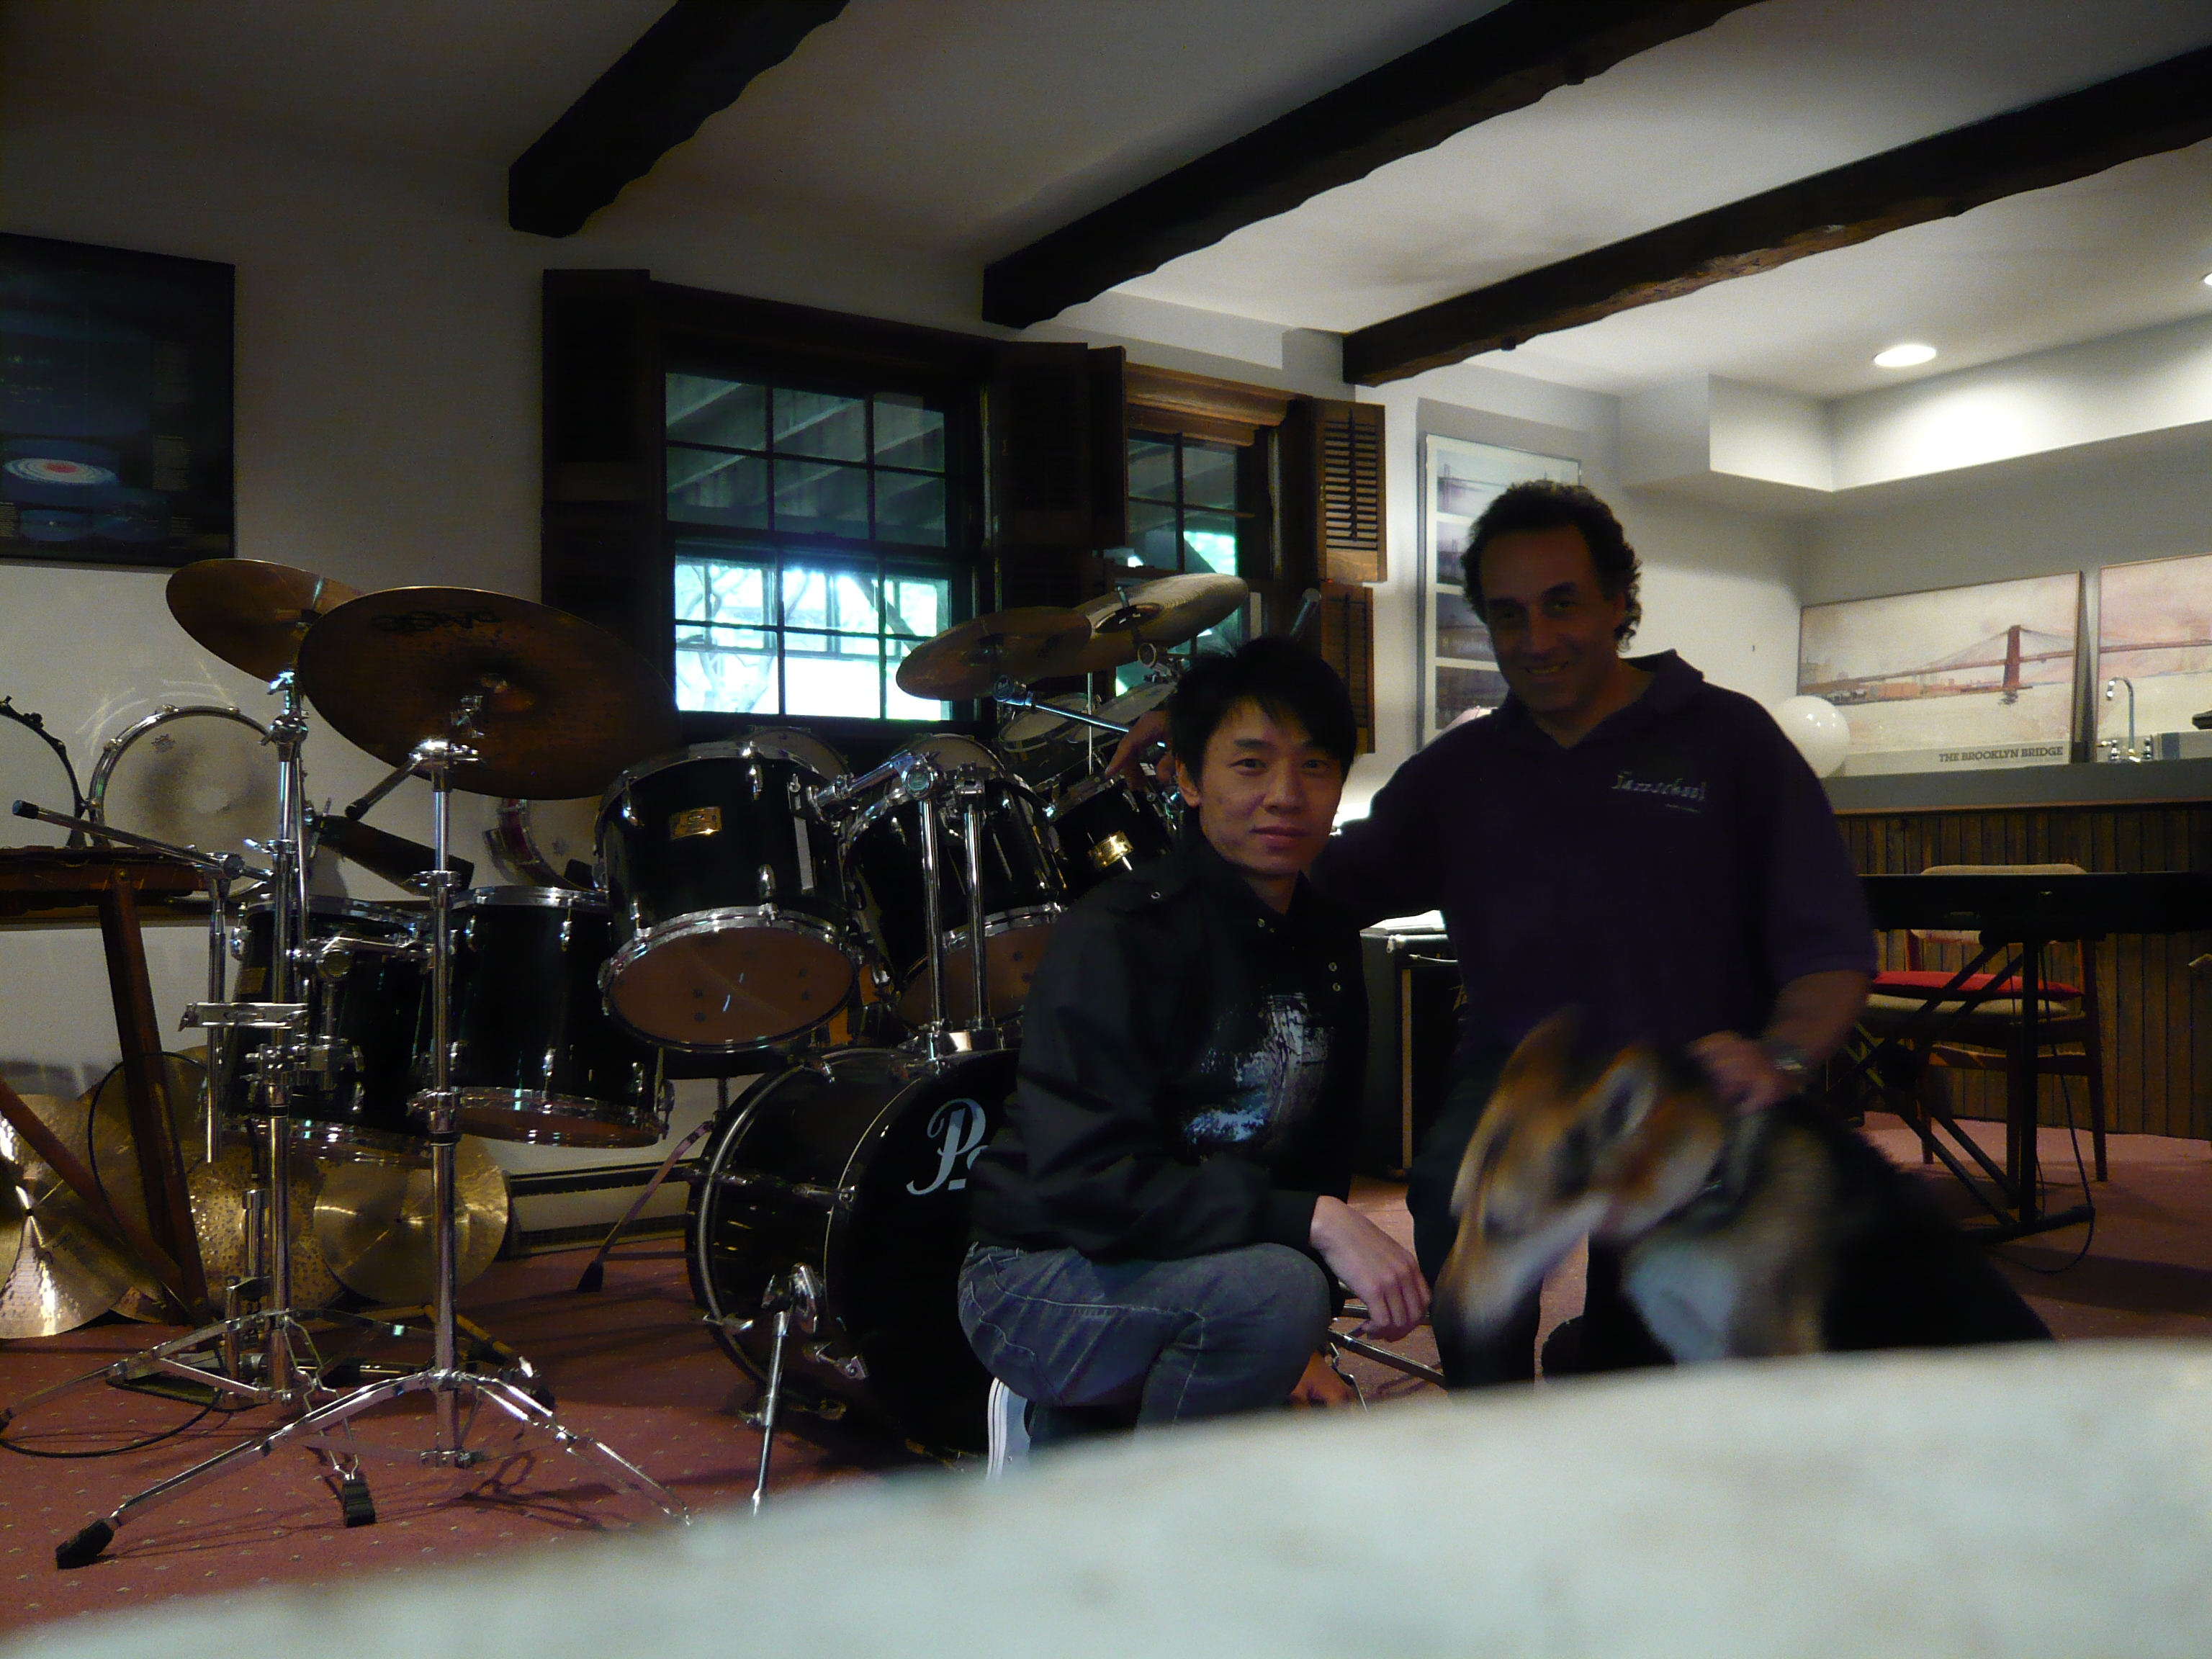 at Kim_s house in N.Y.